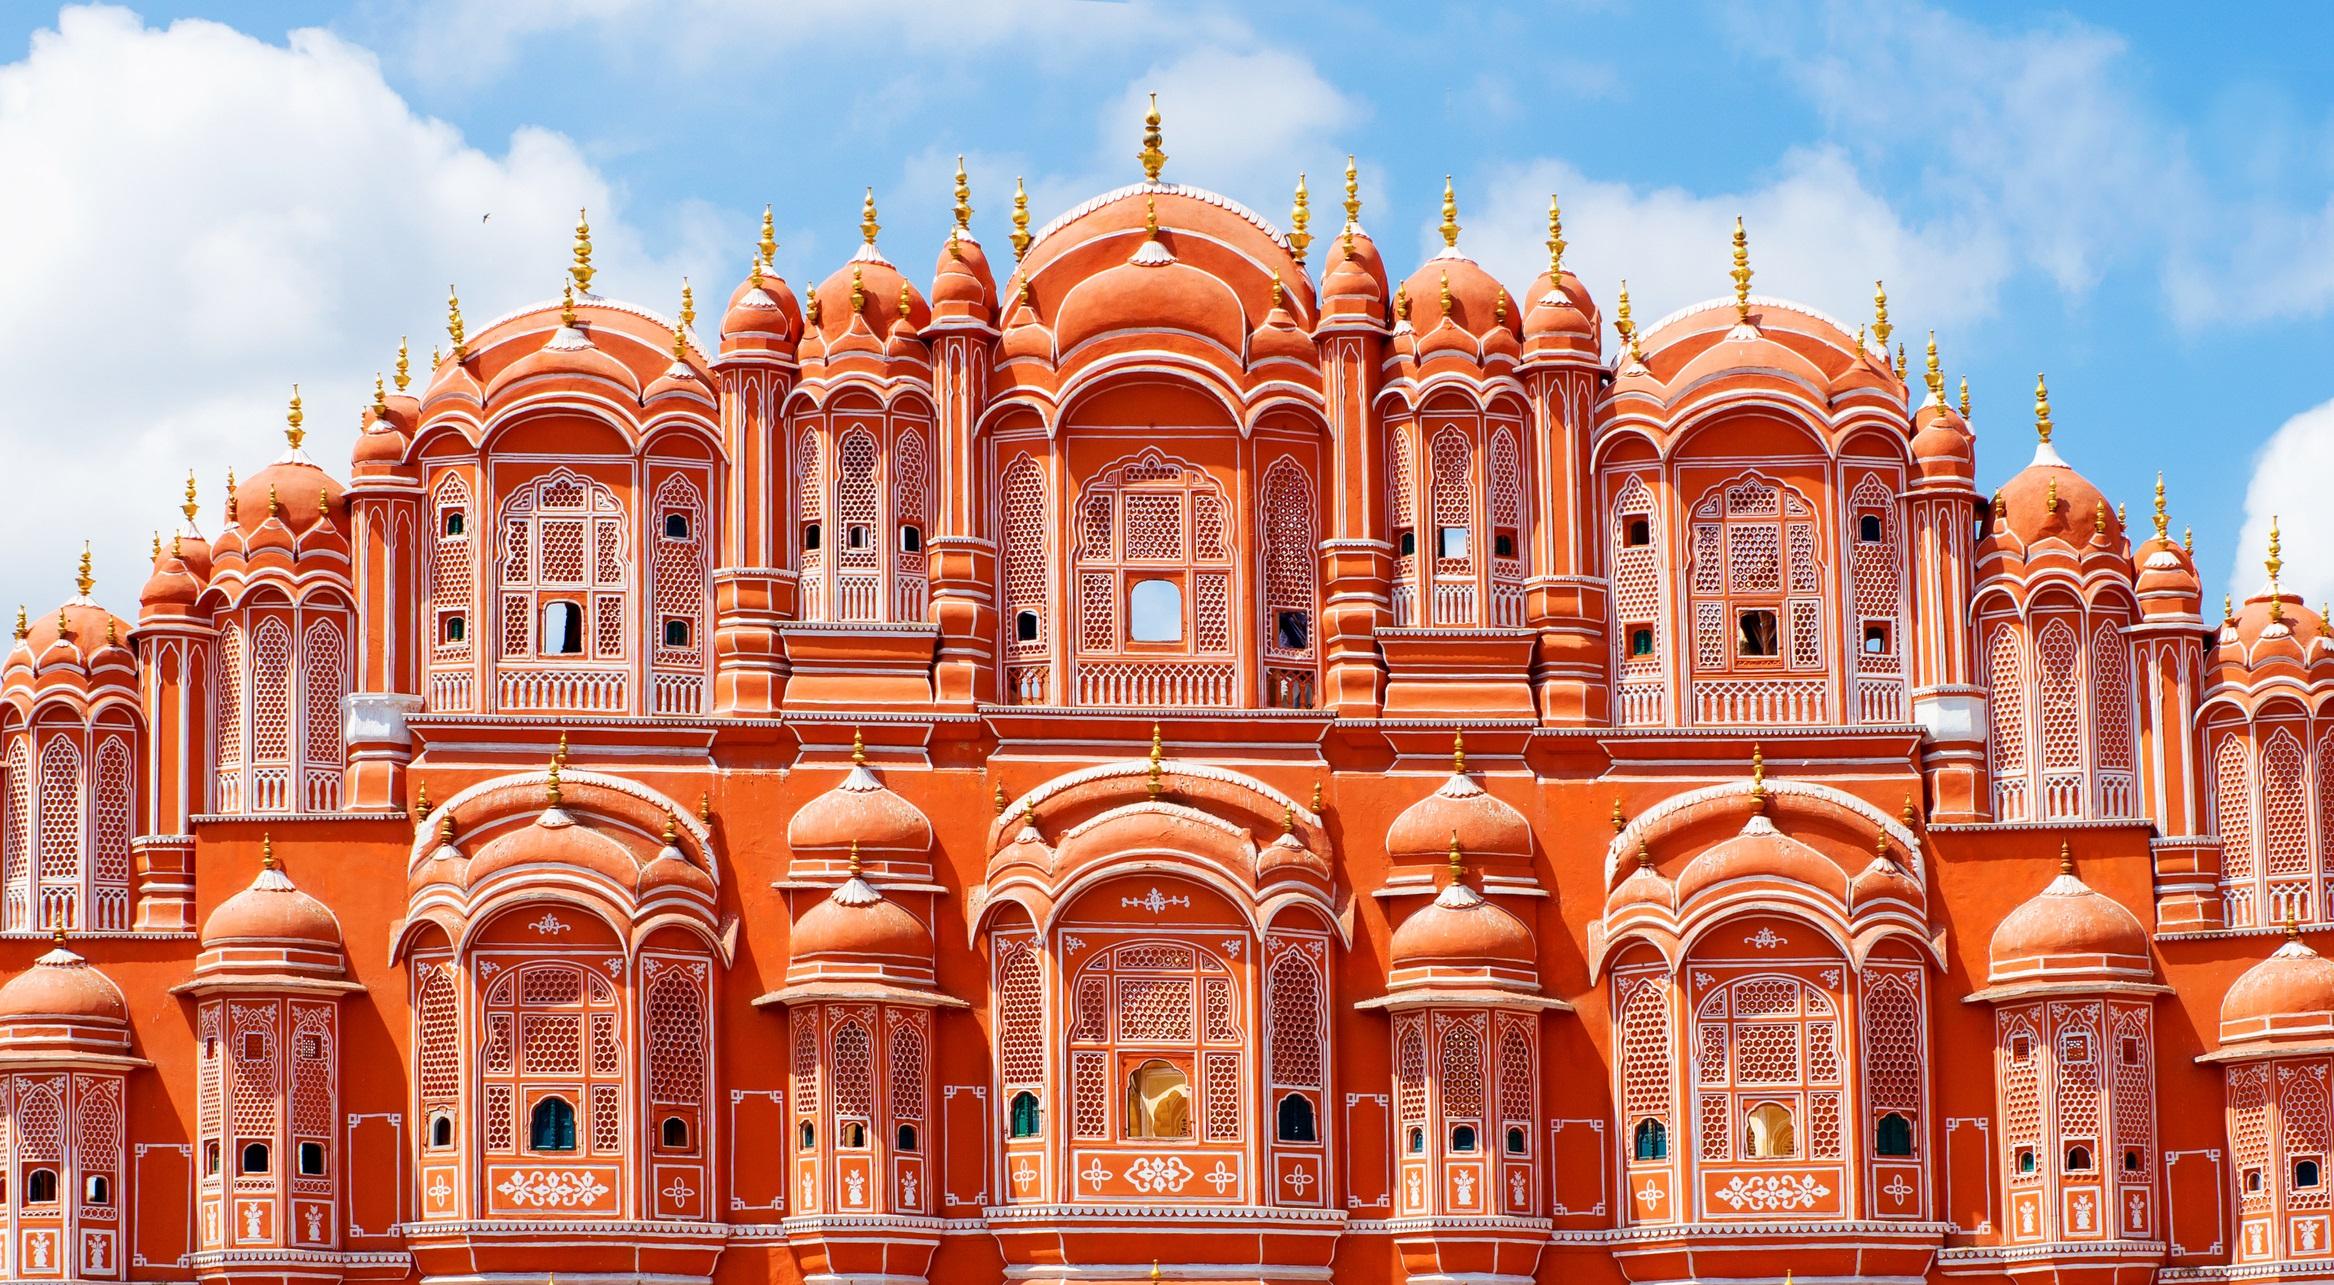 <p><strong>Джайпур, Индия</strong></p>  <p>Пътуване до Индия не би било пълноценно, без да изпитате величието на Стария град, близо пътешествие като във филм през цветовете на огромния комплекс на градския дворец, розовия дворец на ветровете и гигантските геометрични скулптурни инструменти на Джантар Мантар.</p>